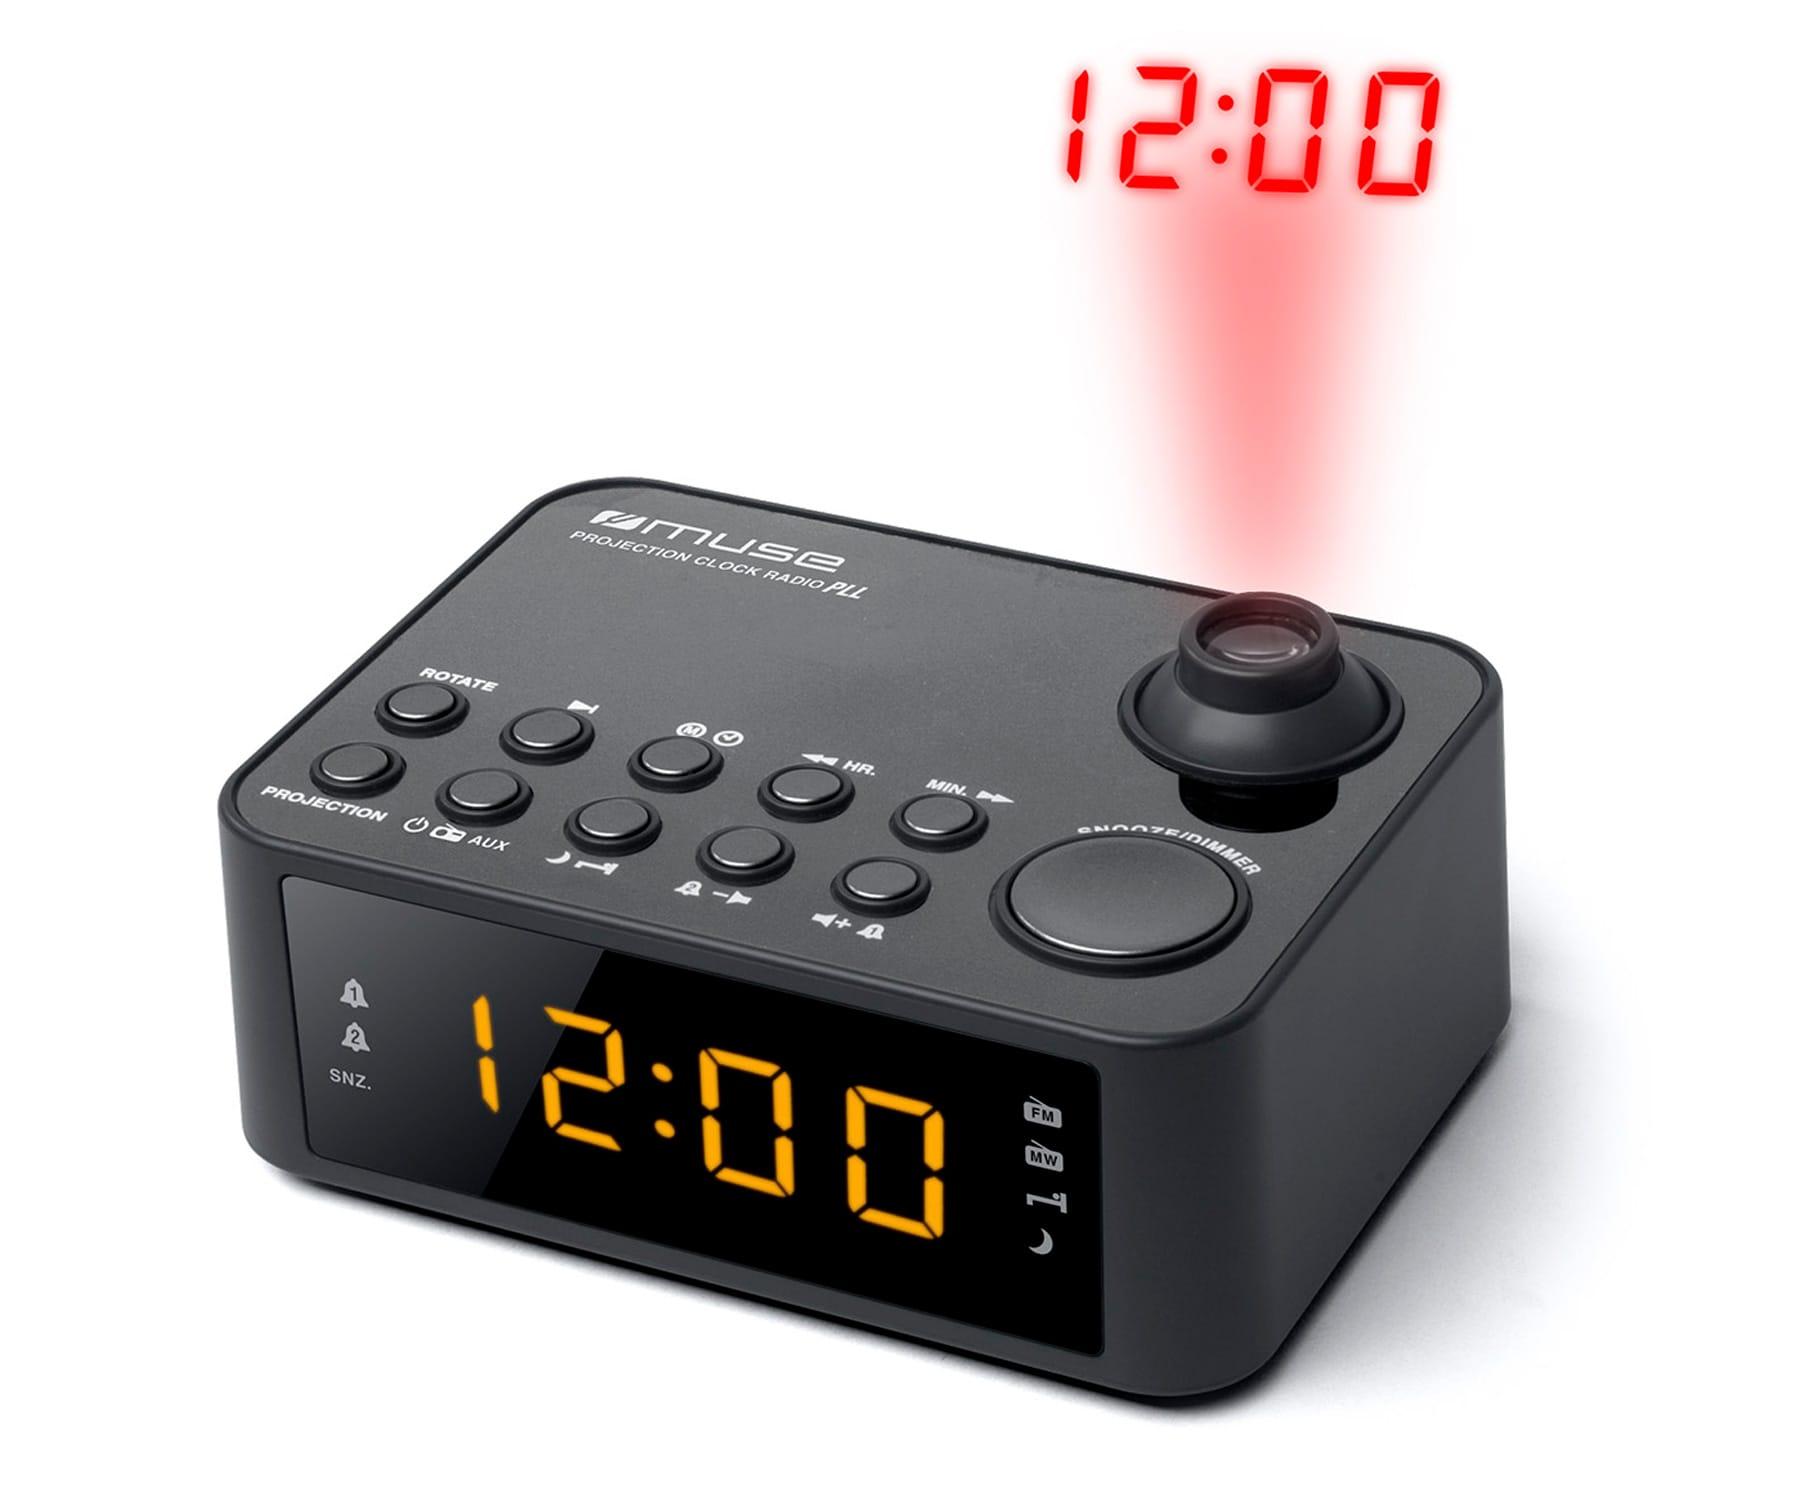 MUSE M-178 P NEGRO RADIO DESPERTADOR AM/FM CON ALTAVOZ INTEGRADO Y PROYECTOR DE HORA